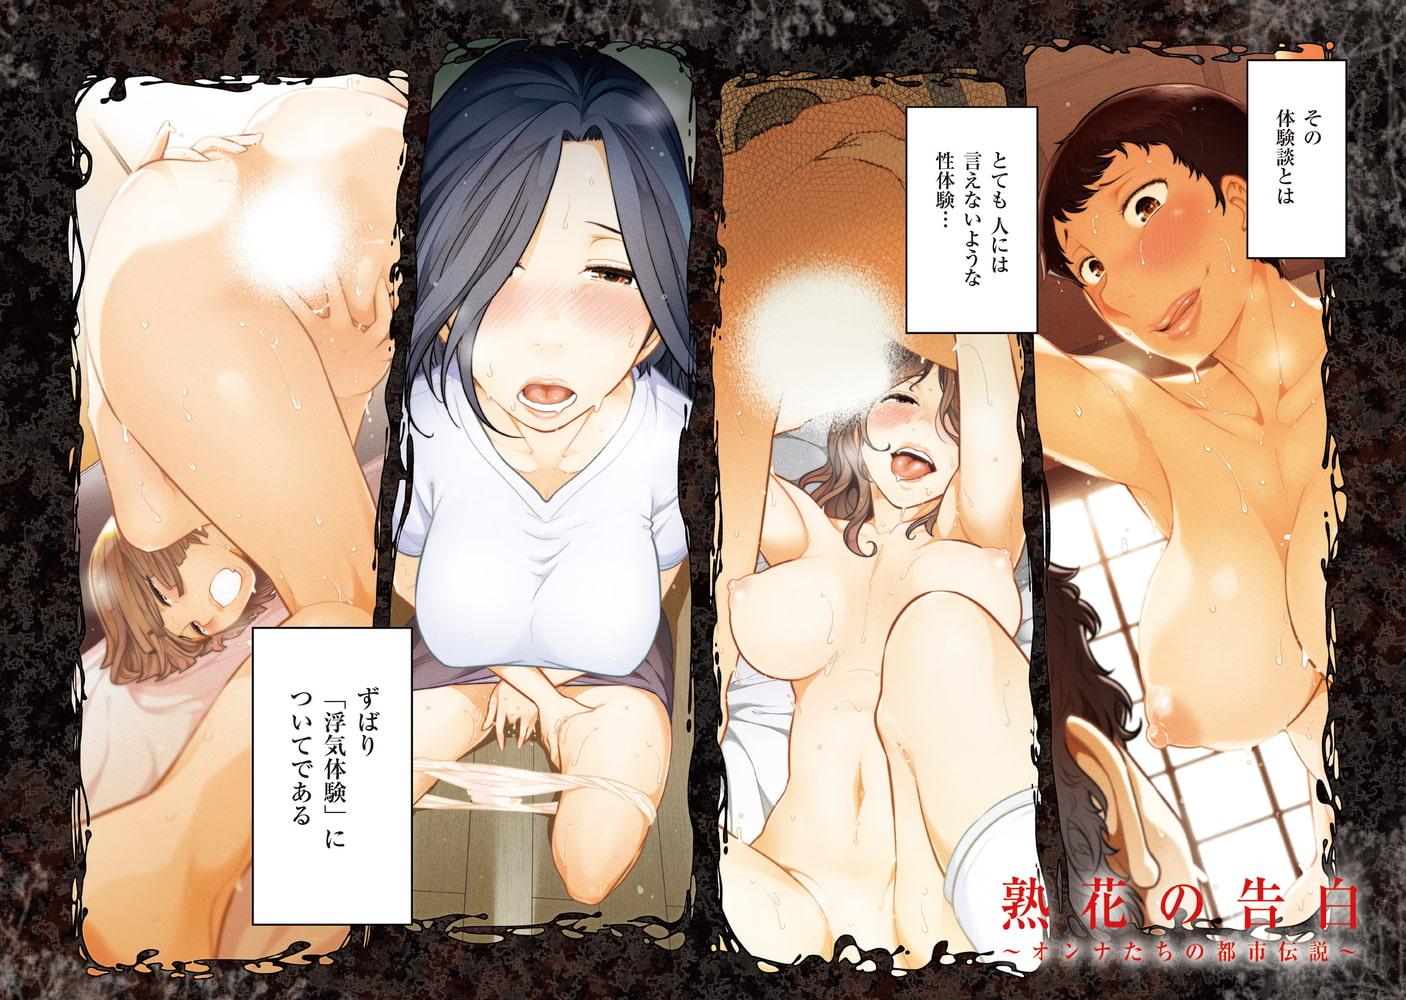 【フルカラー版】熟花の告白~オンナたちの都市伝説~ (1)